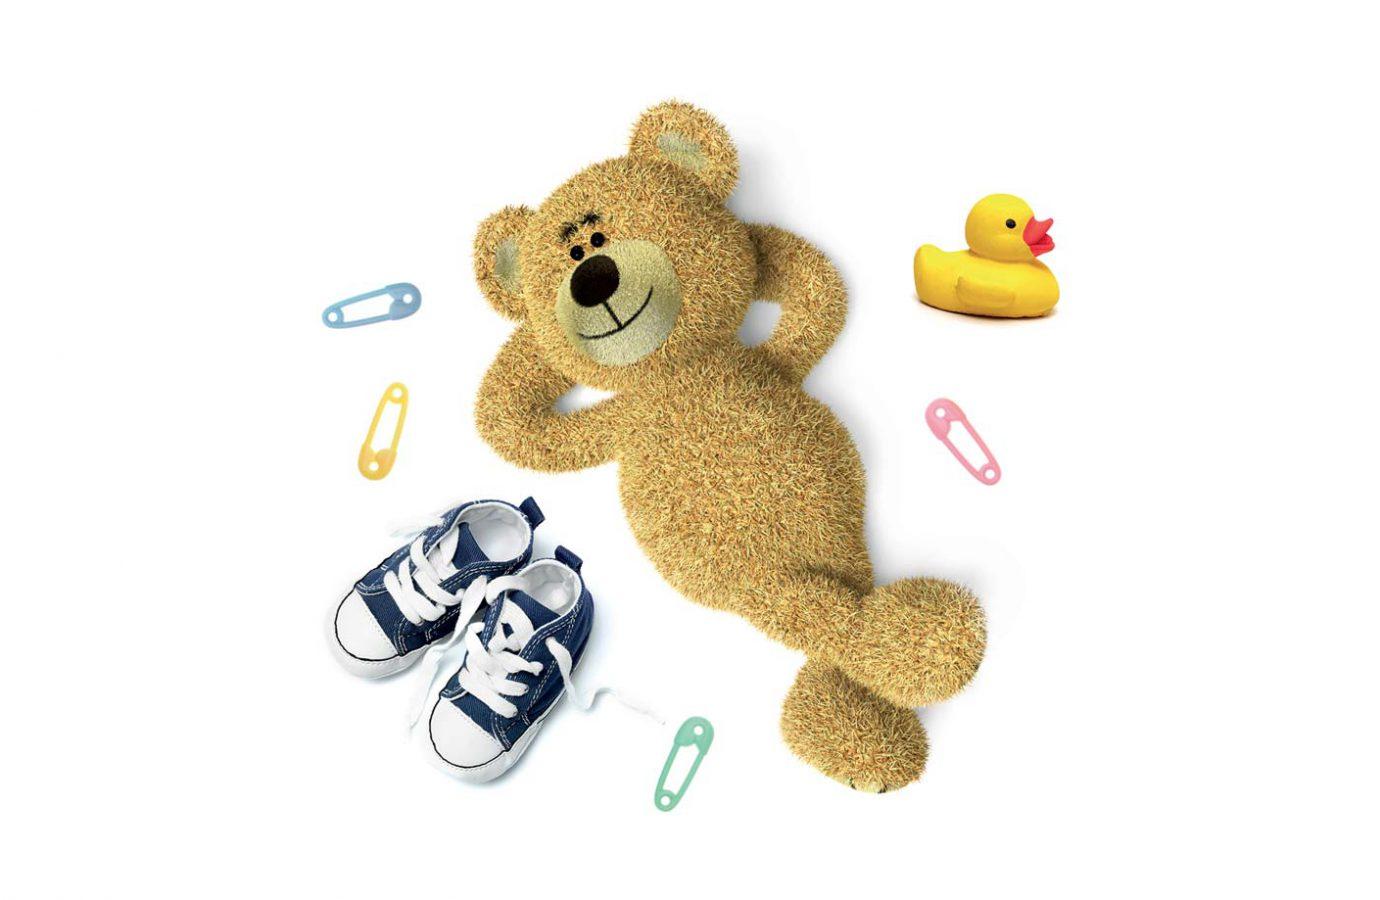 Composizione visual di un orsacchiotto usato nel packaging design di prodotti cosmetici naturali per bambini realizzato da WillBe